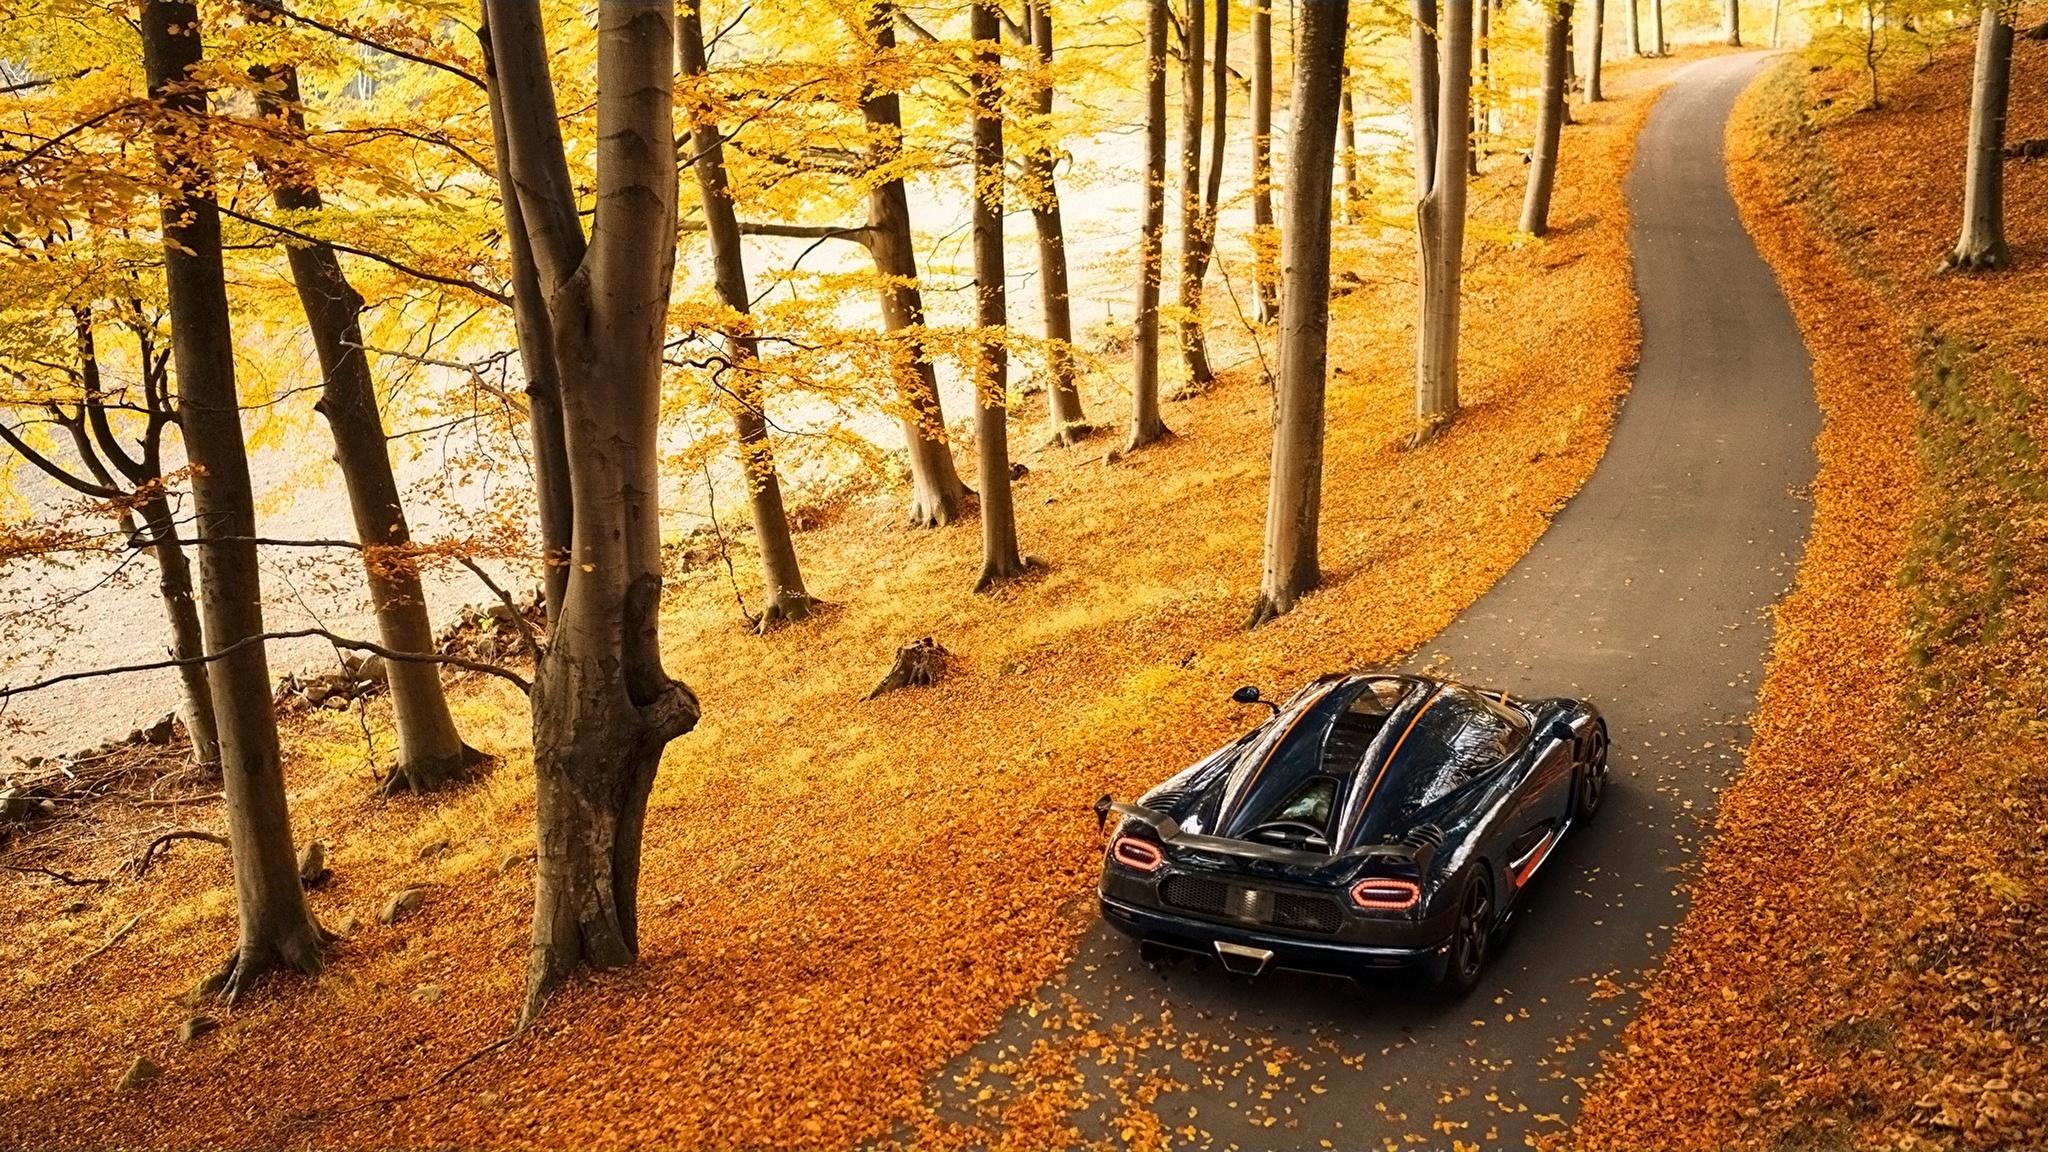 автомобиль осень лес дорога  № 3771460 без смс